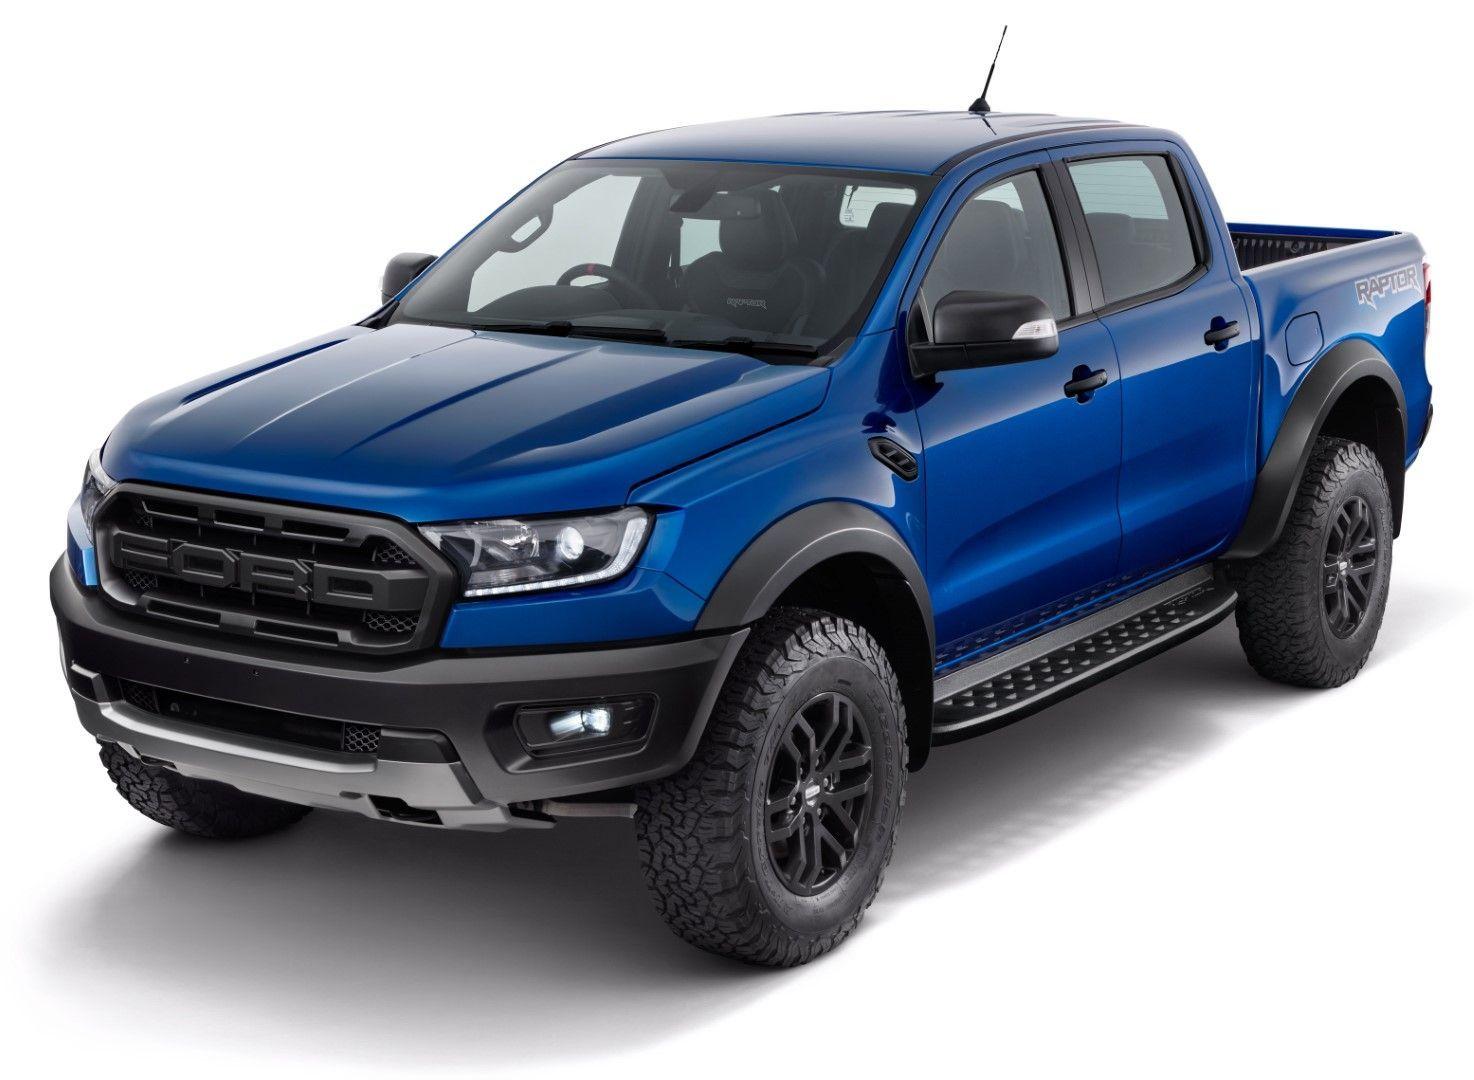 2019 Ford Ranger Raptor Australian Model Ford Ranger 2019